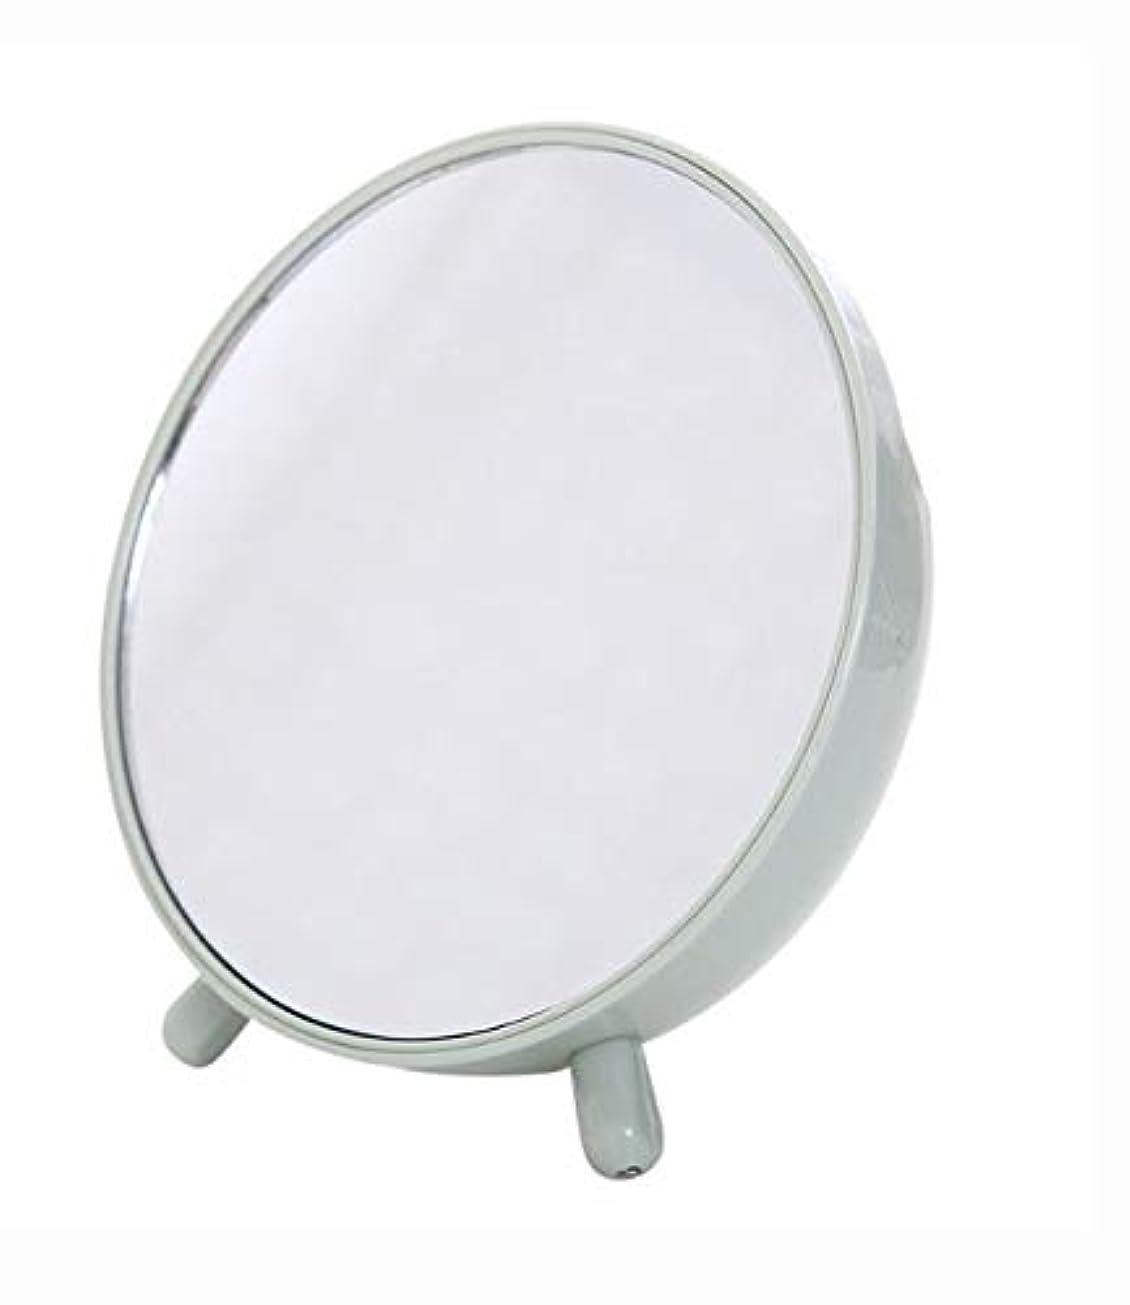 吹きさらし壊れた敏感な化粧鏡、収納箱の化粧品のギフトが付いている緑の簡単な円形のテーブルの化粧鏡